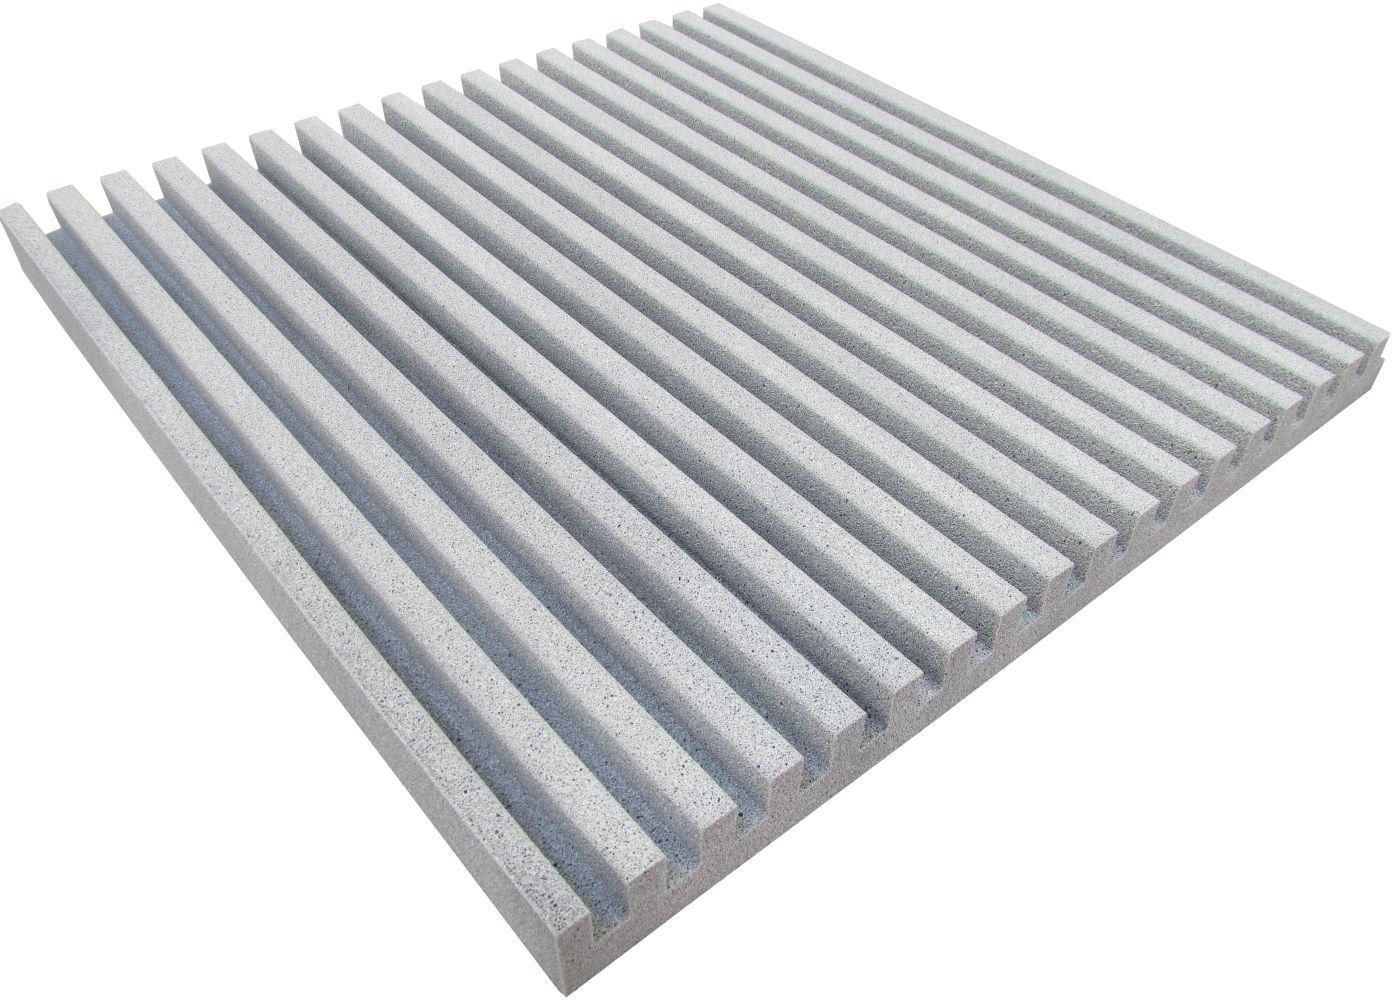 Espuma acústica REV - R - Branco Gelo - Kit 4 peças (1m²)  - Loja SPL Acústica